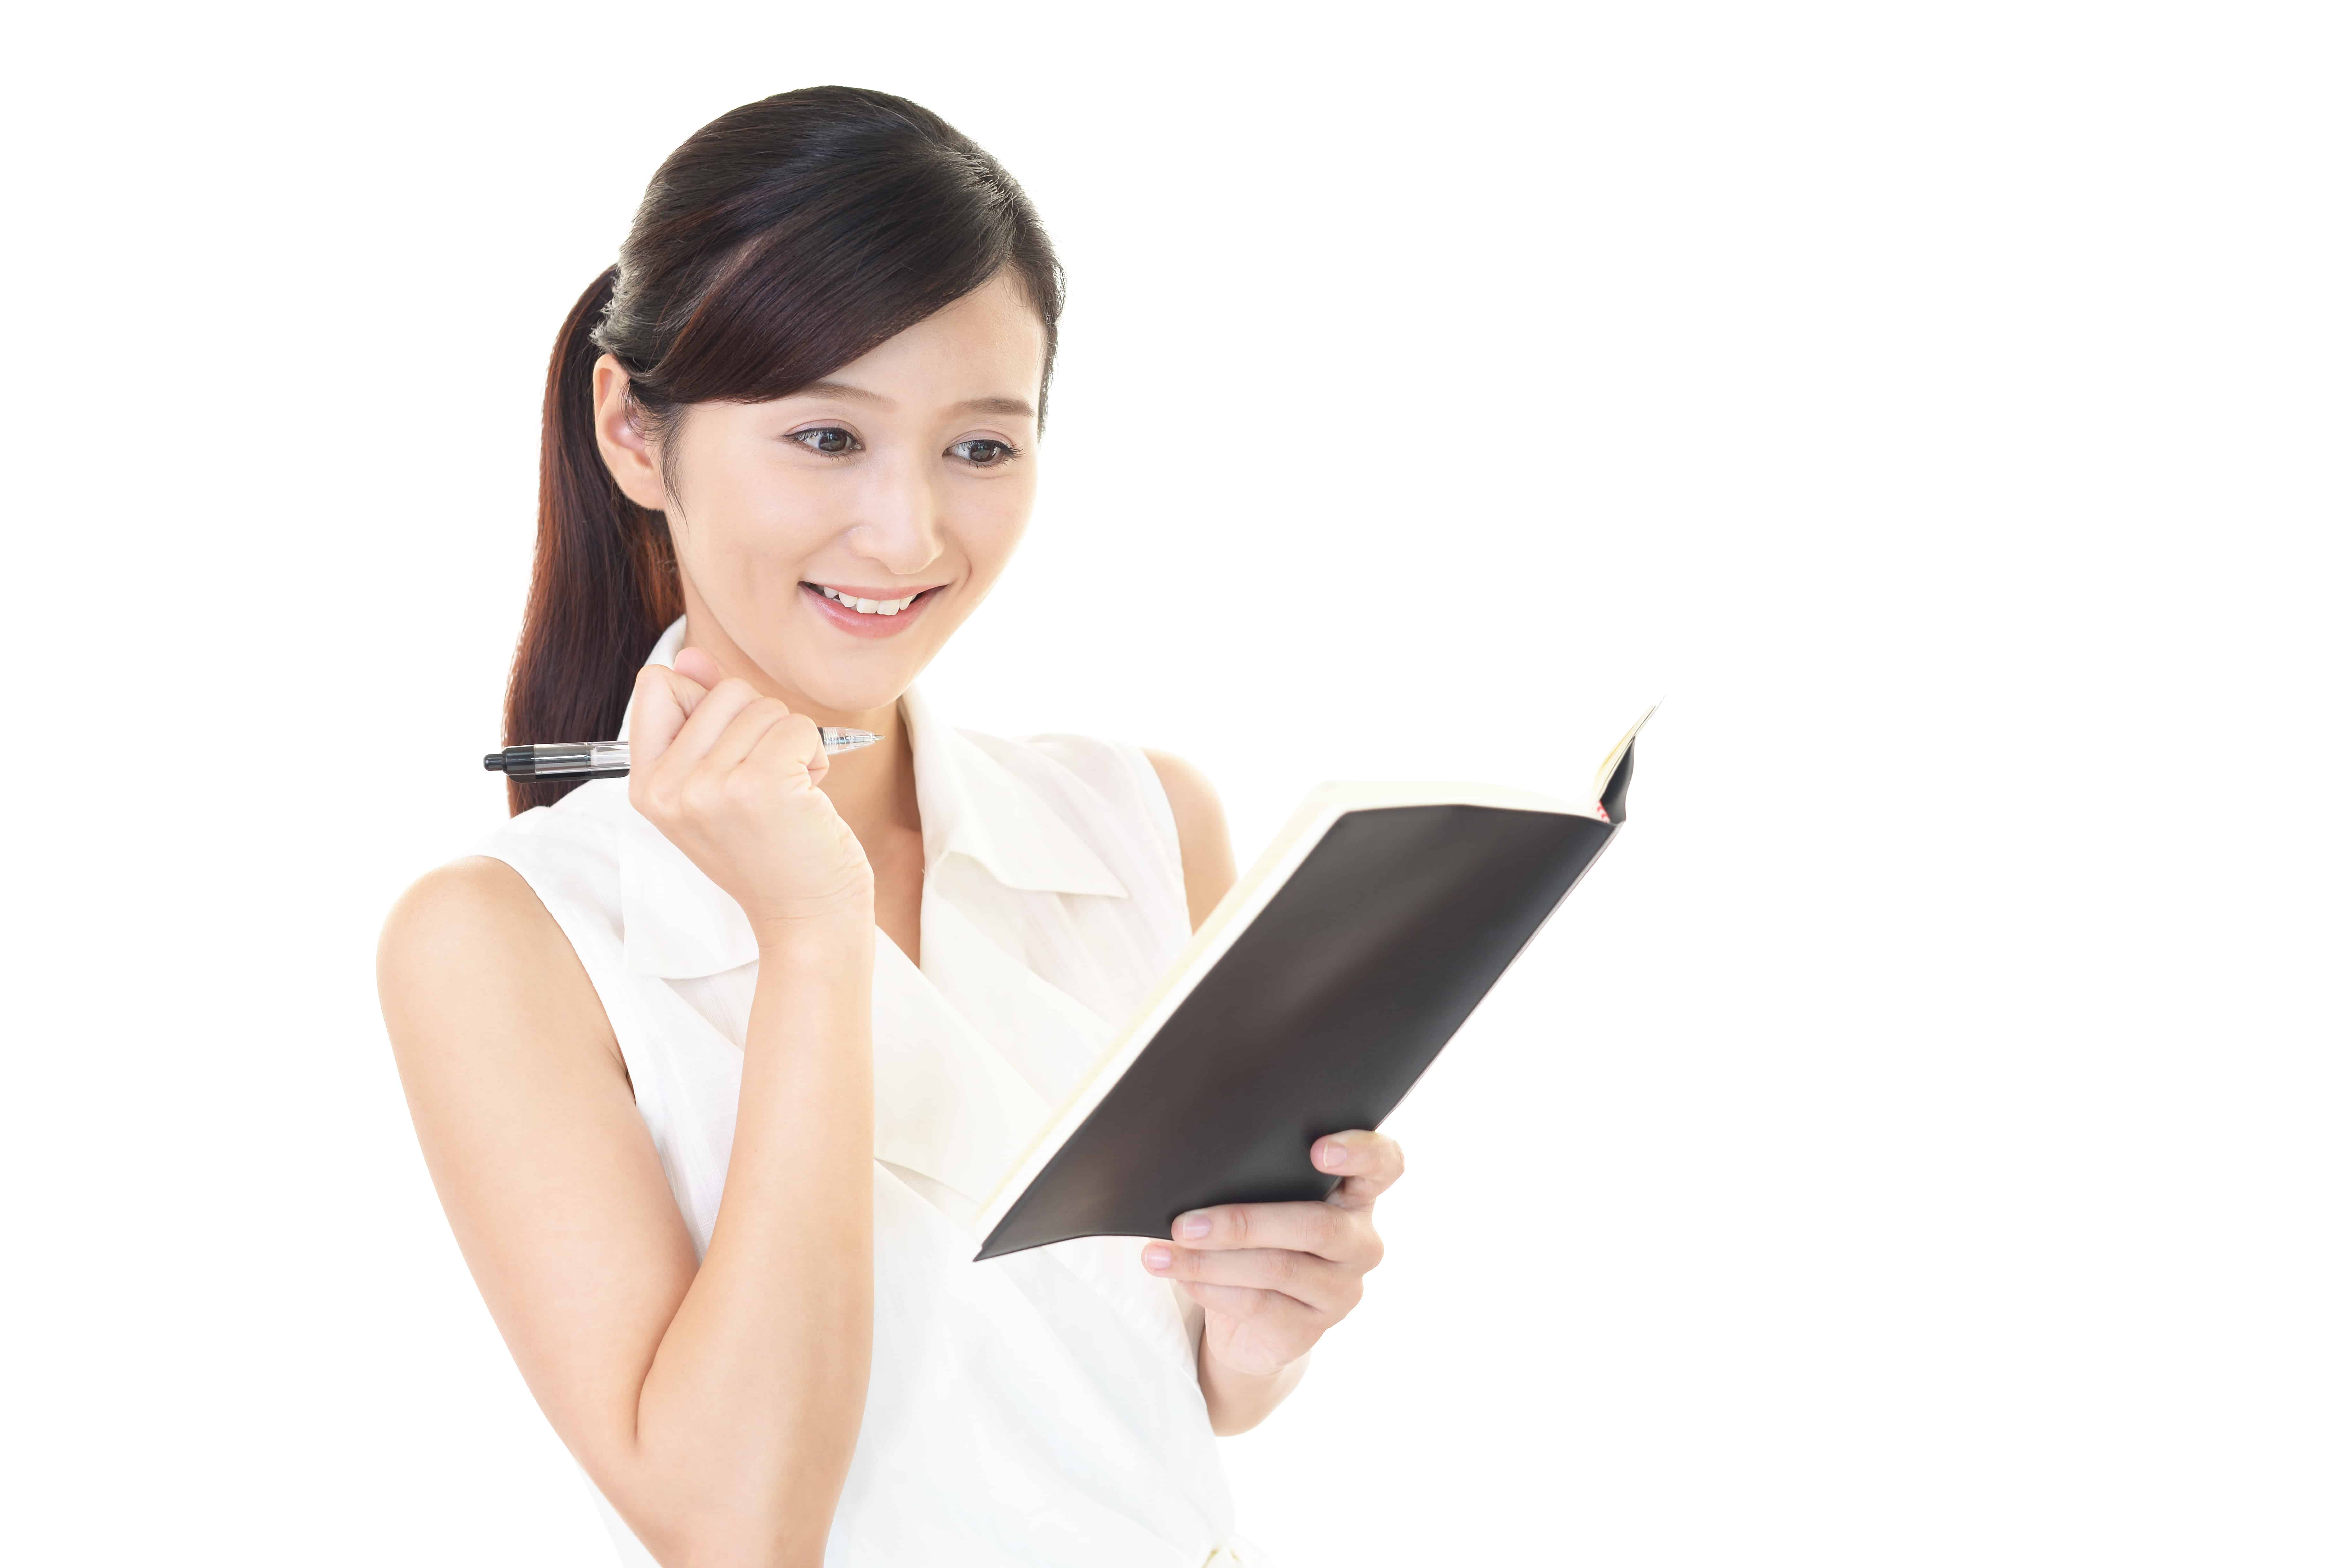 スケジュール帳を見る女性